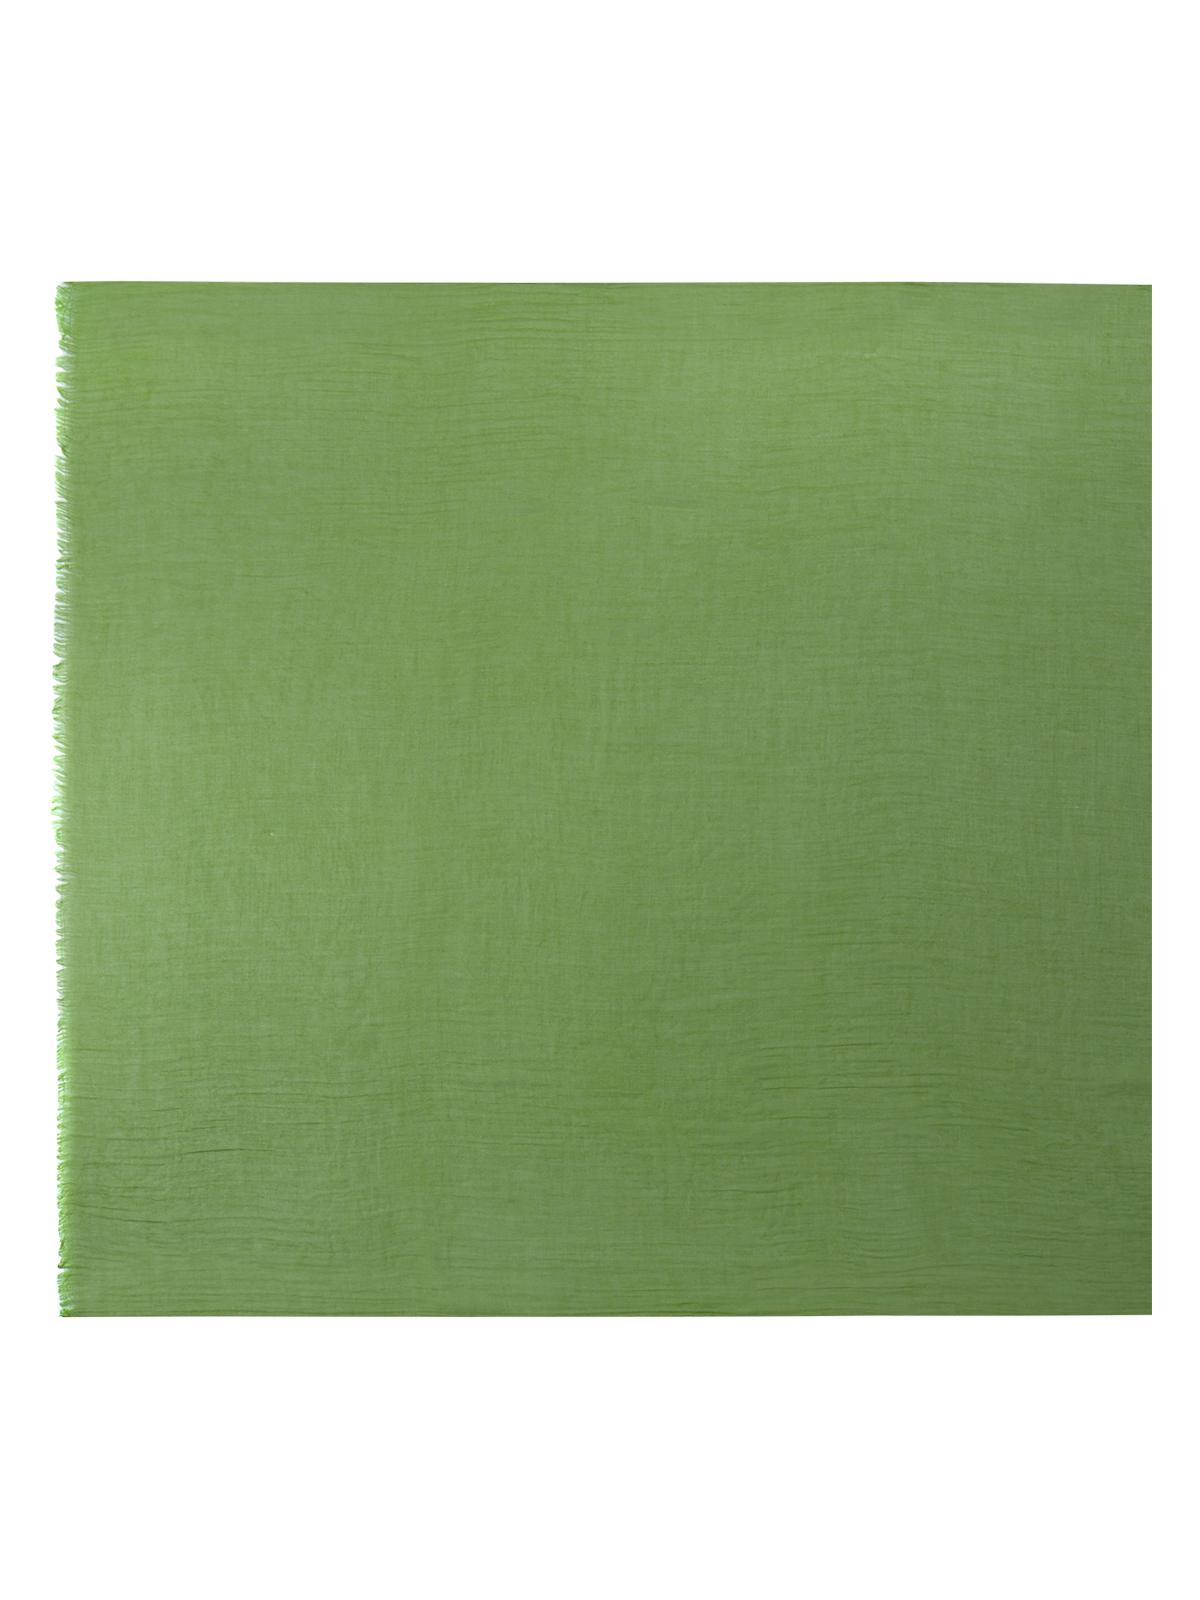 Шарф зеленого цветаШарфы<br><br>Материал верха: Текстиль<br>Цвет: Зеленый<br>Дизайн: Италия<br>Страна производства: Италия<br><br>Материал верха: Текстиль<br>Цвет: Зеленый<br>Пол: Женский<br>Размер: Без размера